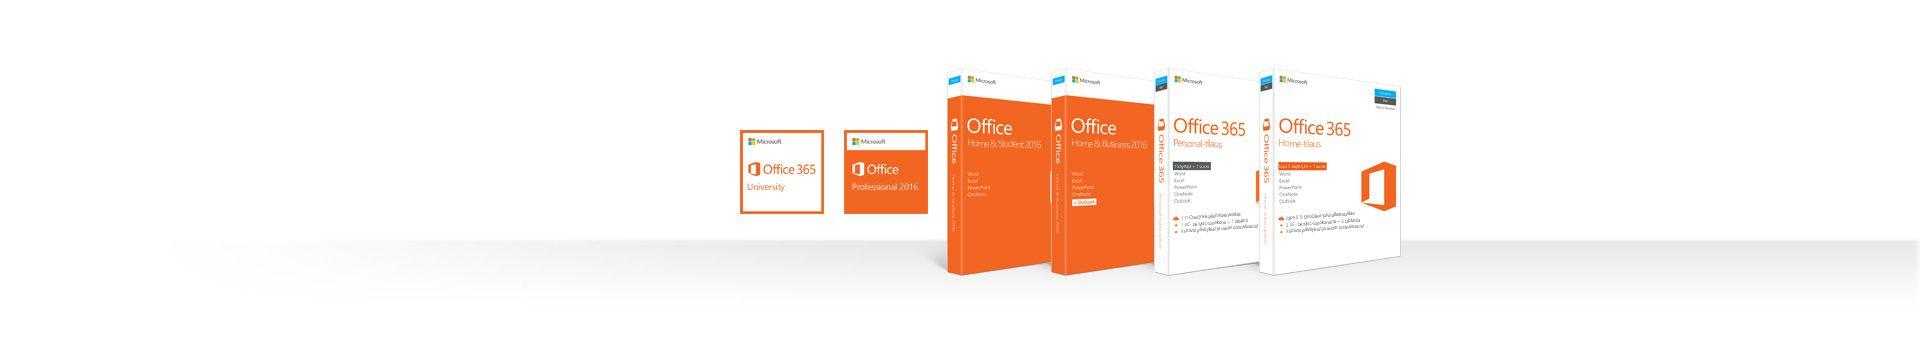 Ruudut, jotka edustavat Officen tilaus- ja erillistuotteita PC-tietokoneille.